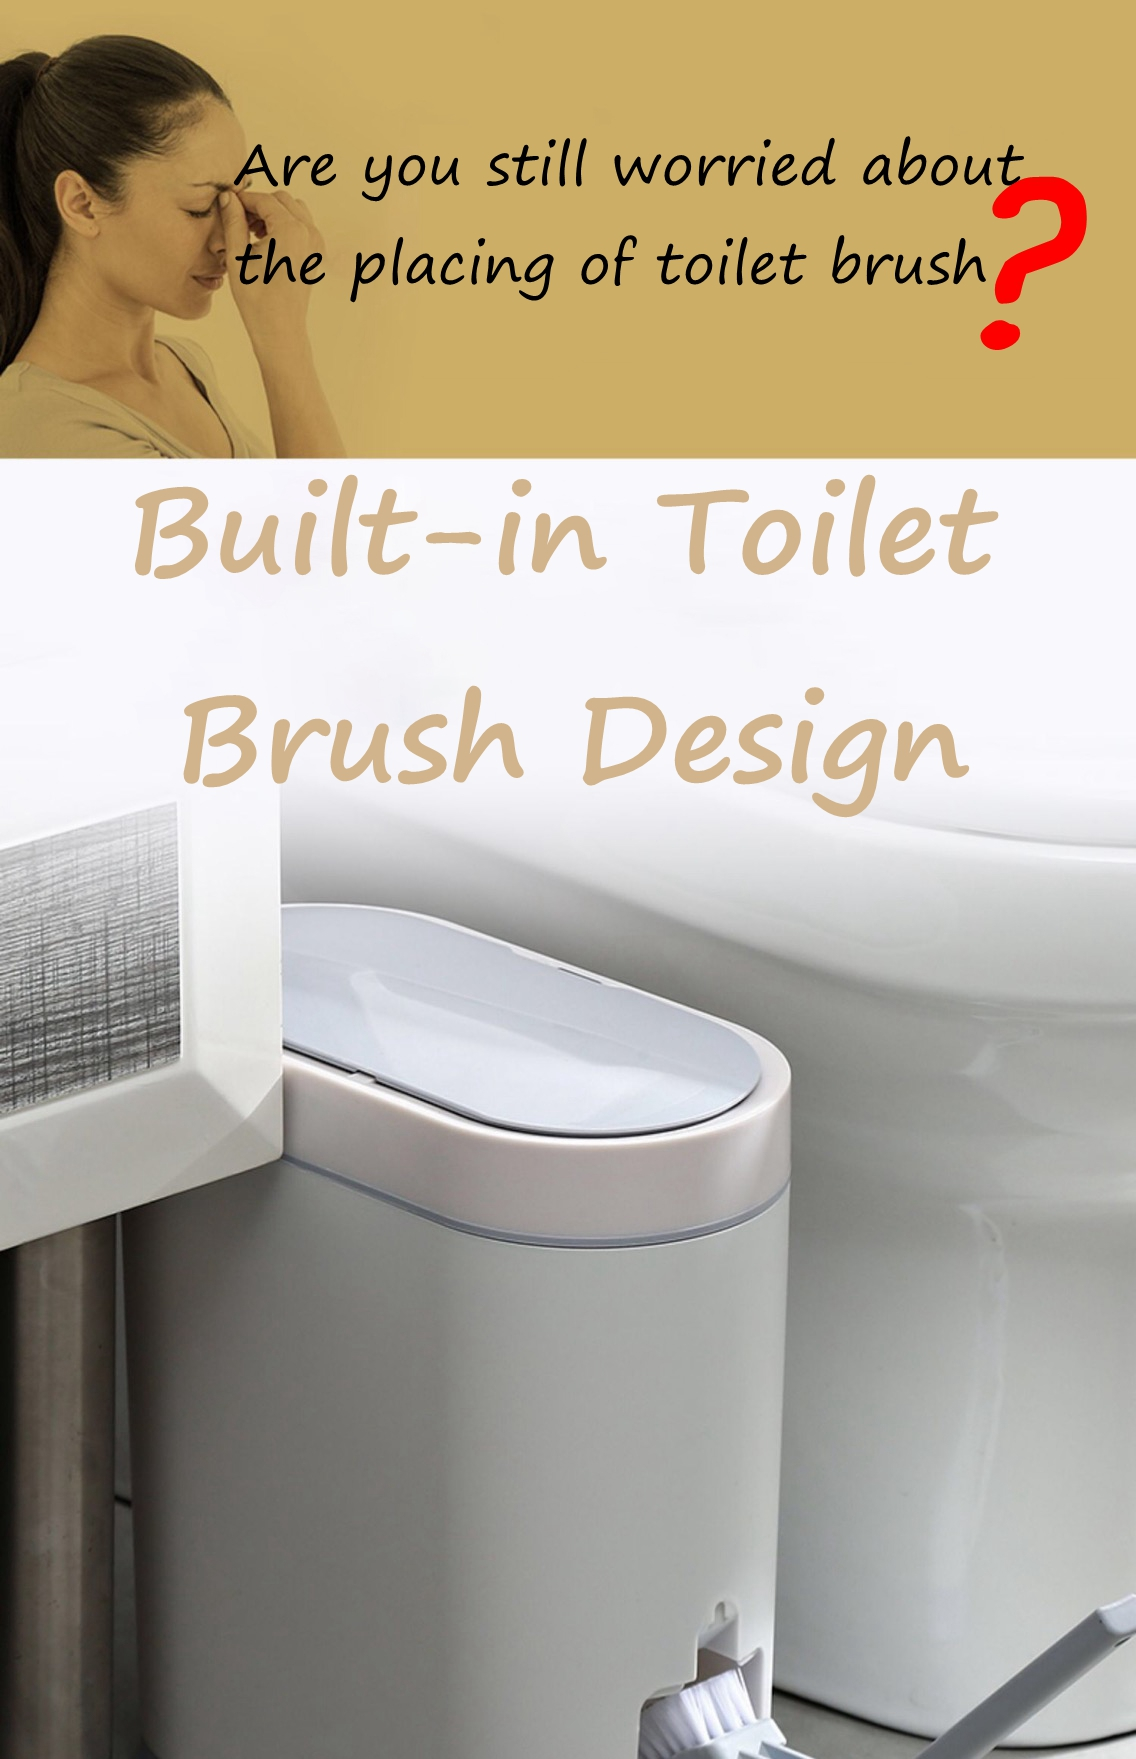 Trash Bin with Built-in Toilet Brush